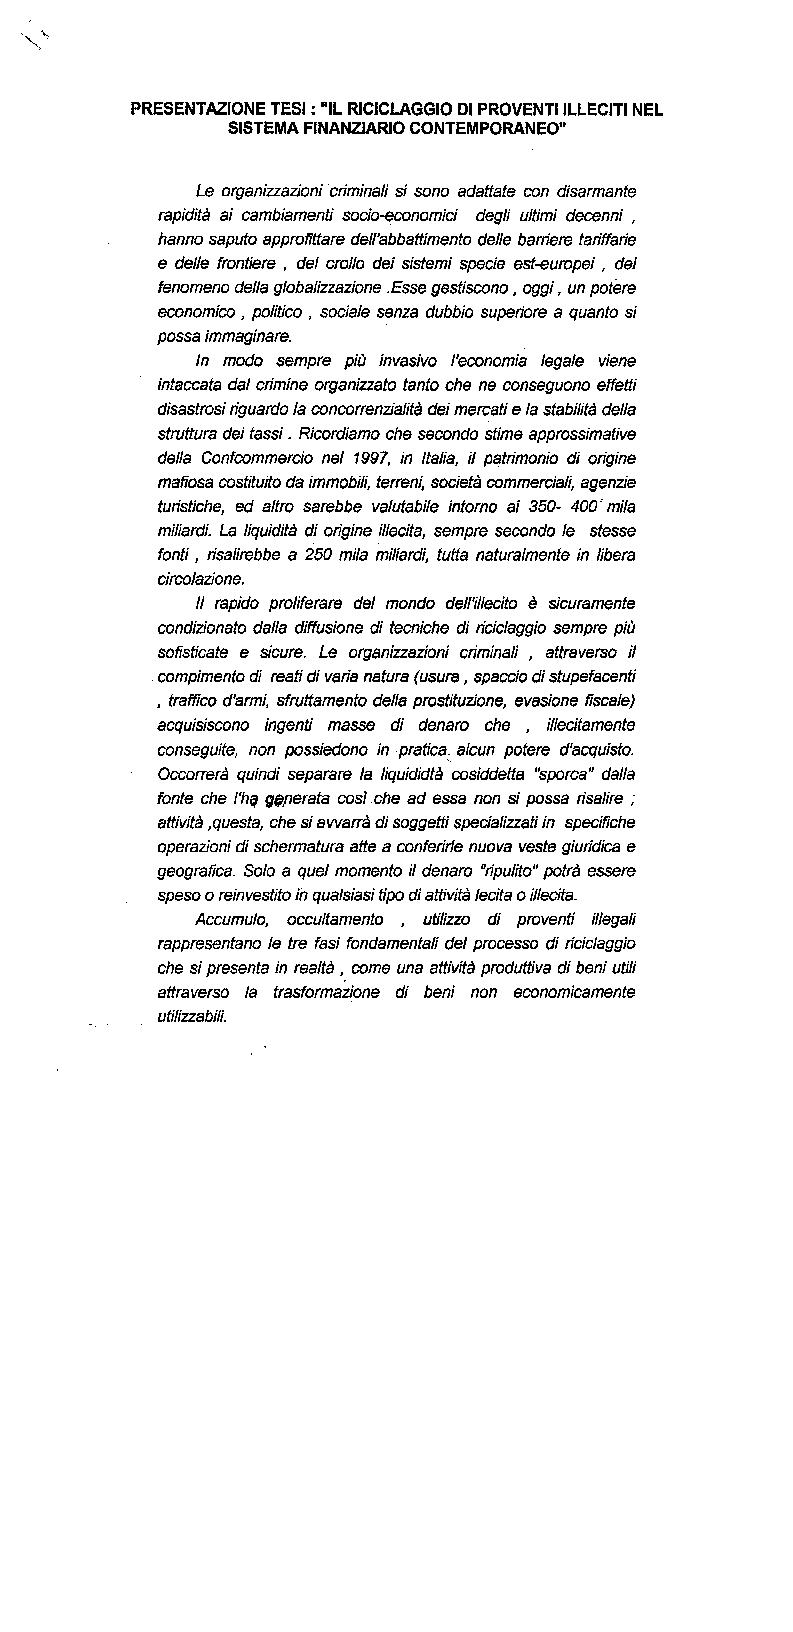 Anteprima della tesi: Il riciclaggio di proventi illeciti nel sistema finanziario contemporaneo, Pagina 1